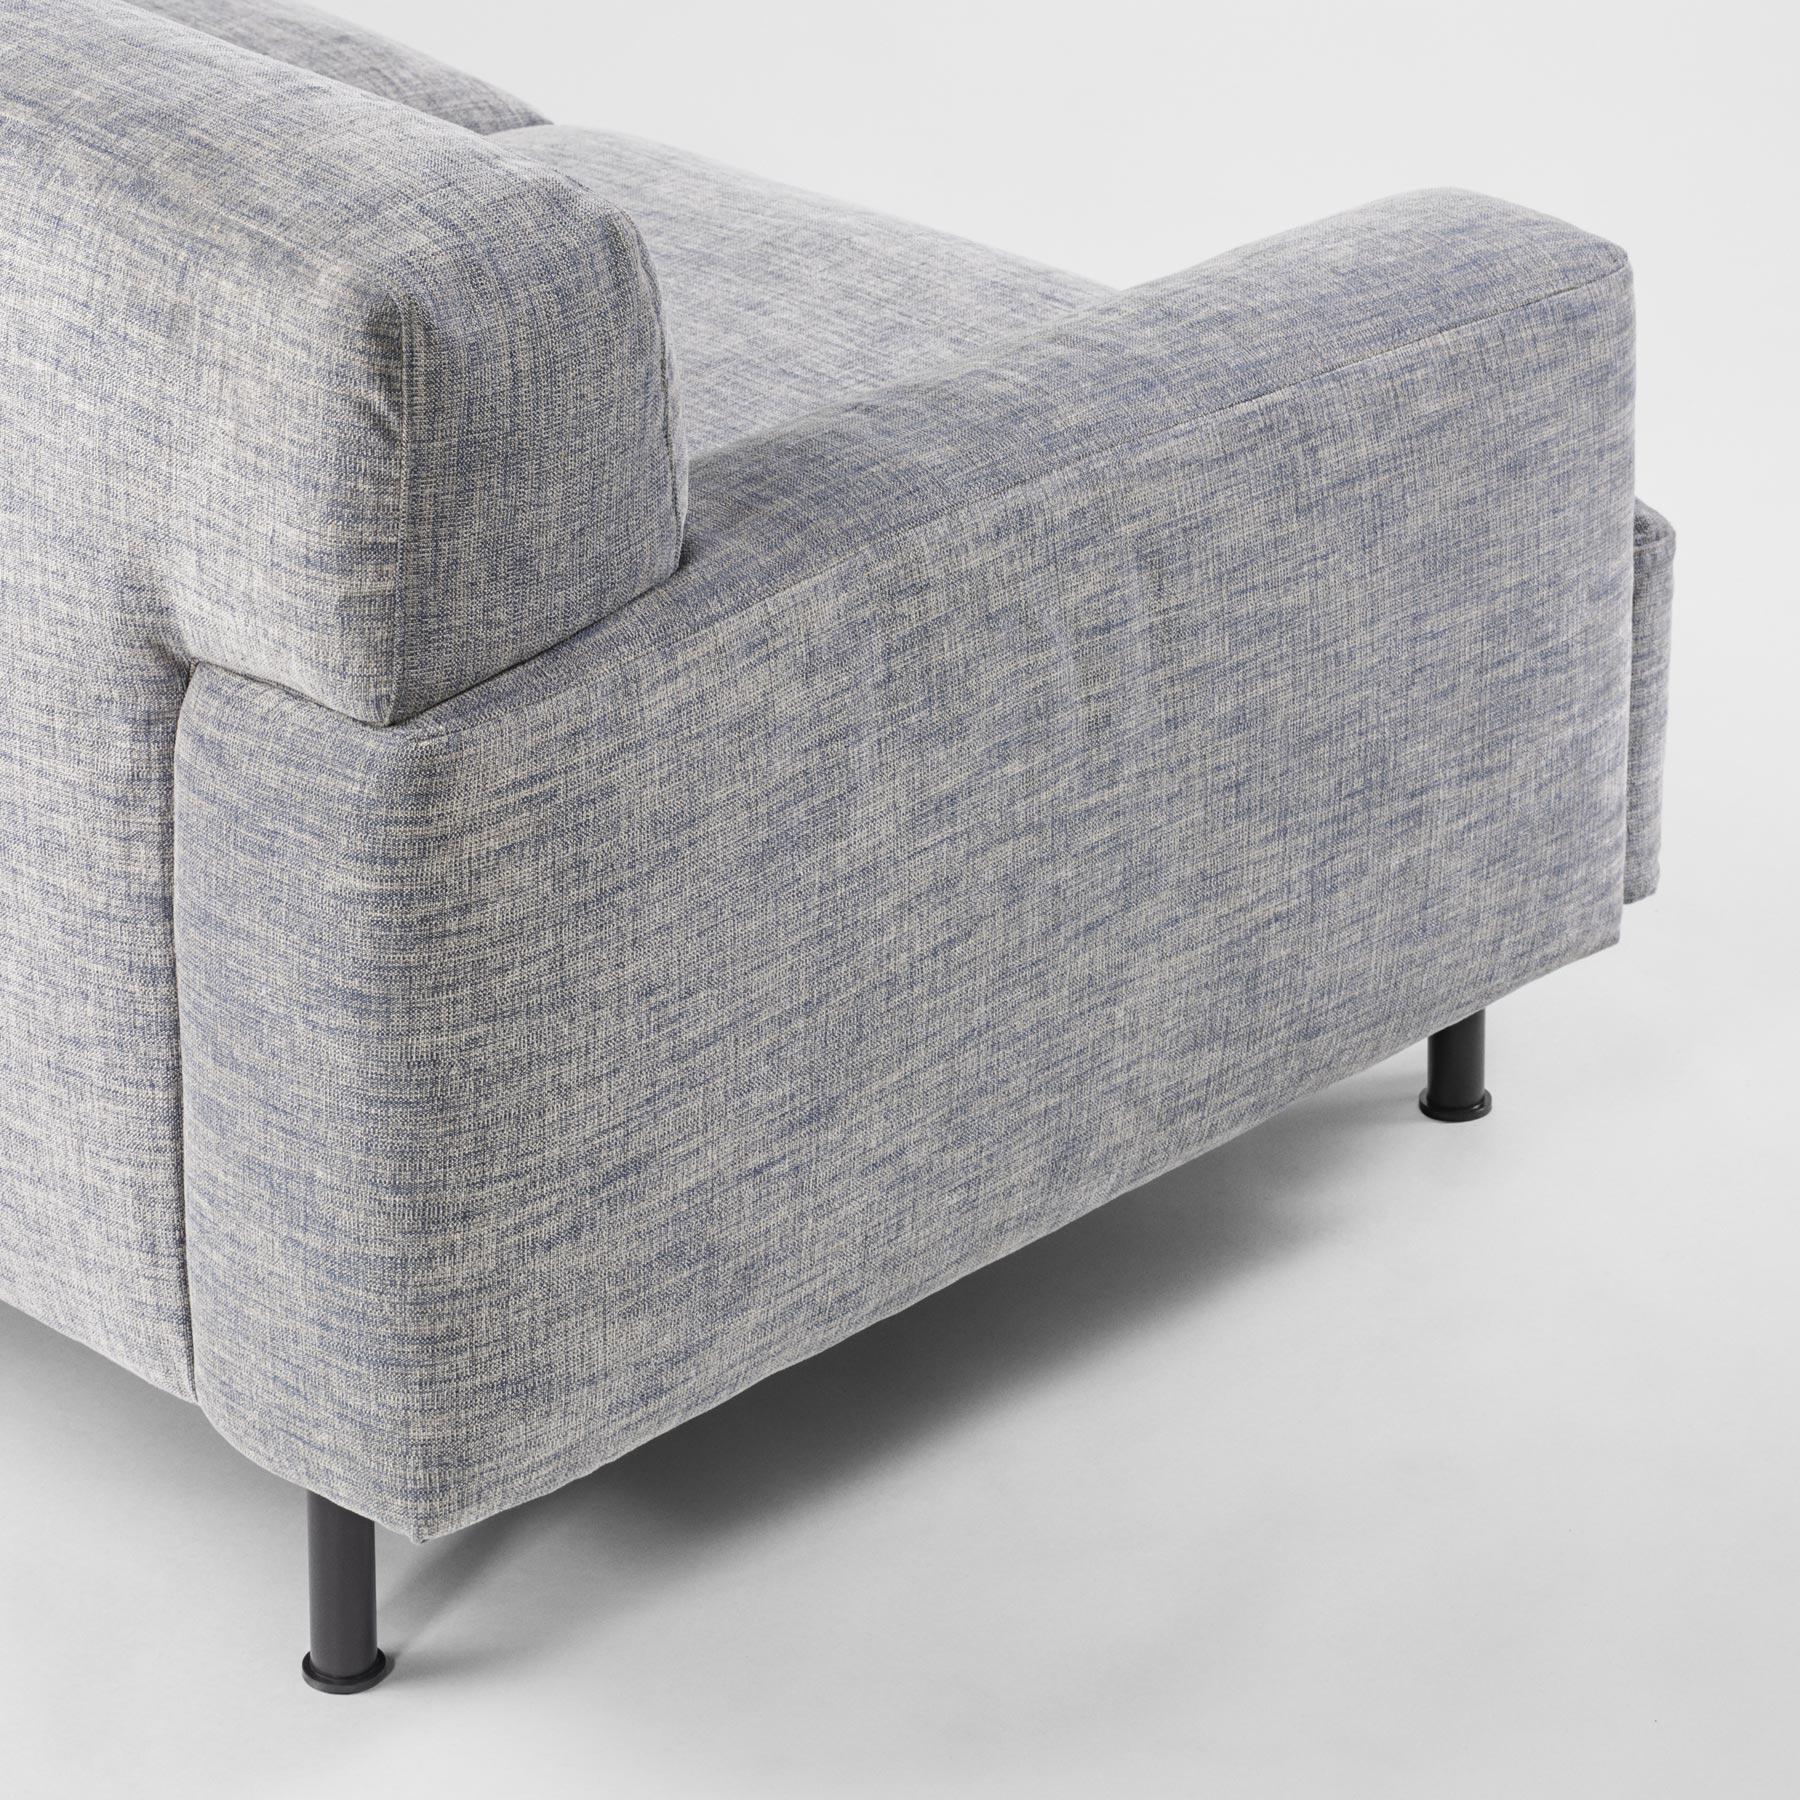 Plenty Sofa by Million